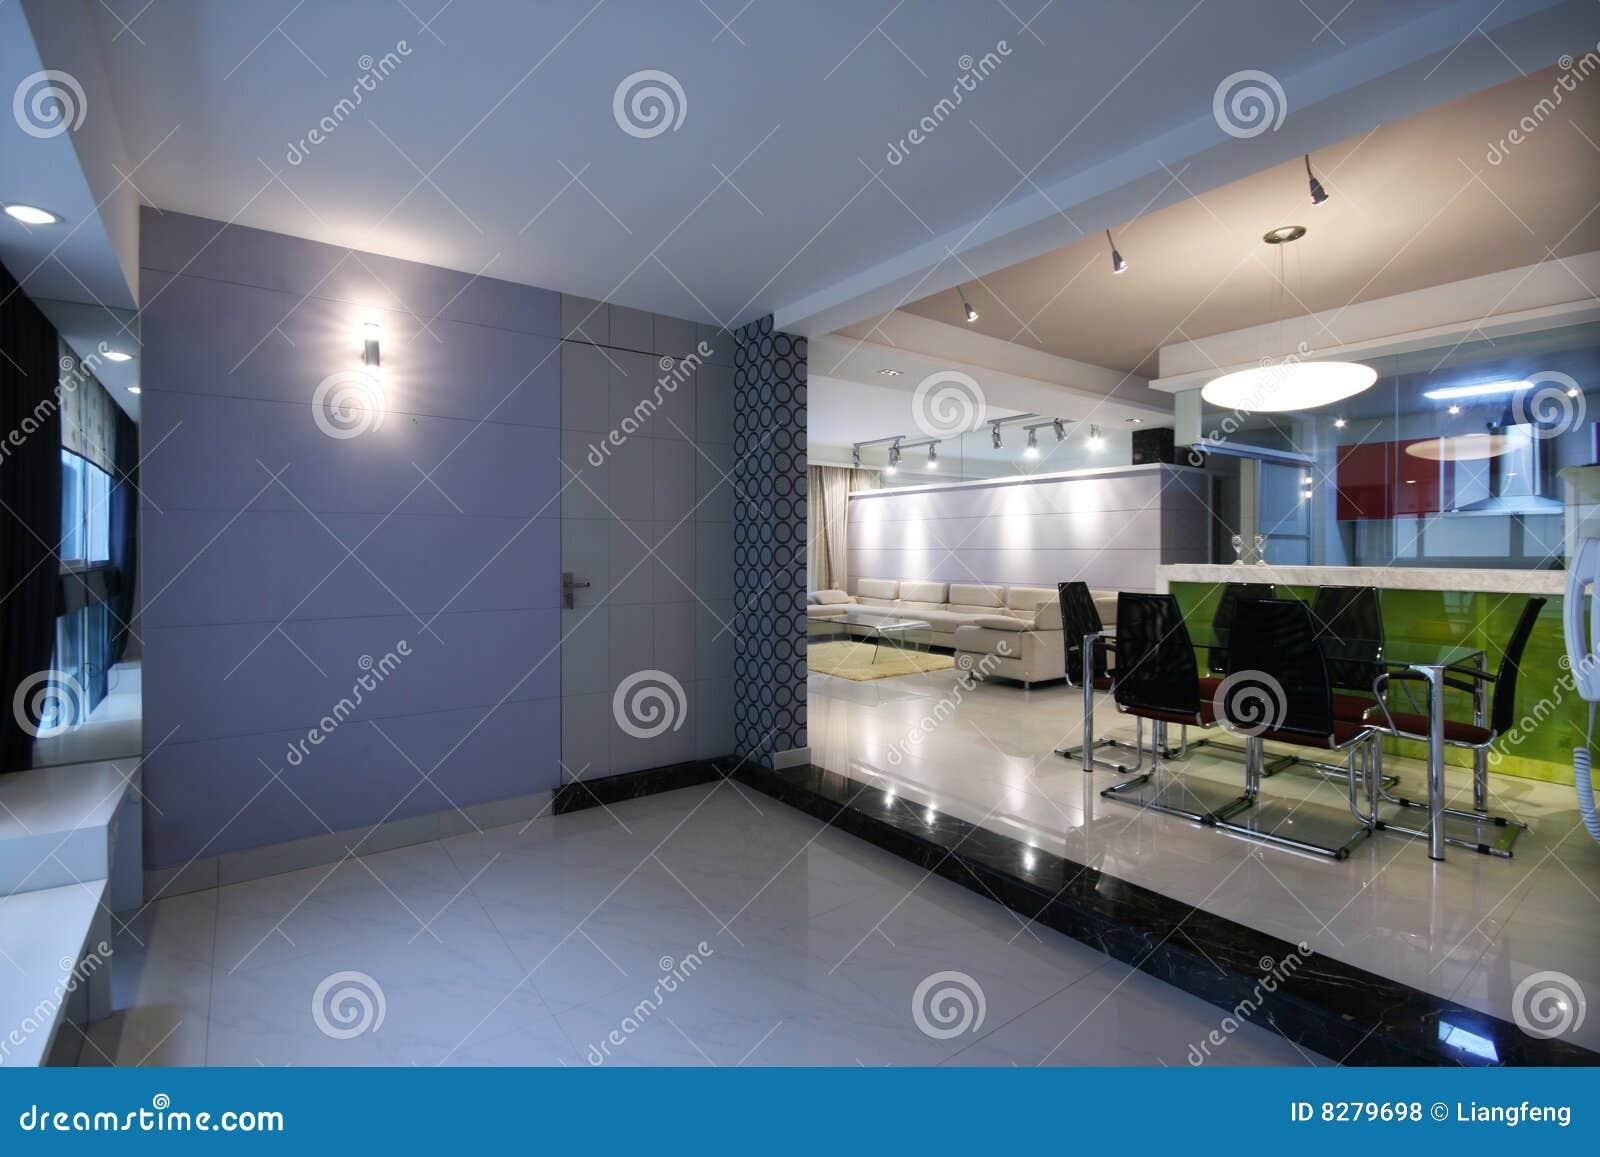 Beknopte en huisdecoratie royalty vrije stock foto 39 s afbeelding 8279698 - Decoratie industriele huis ...